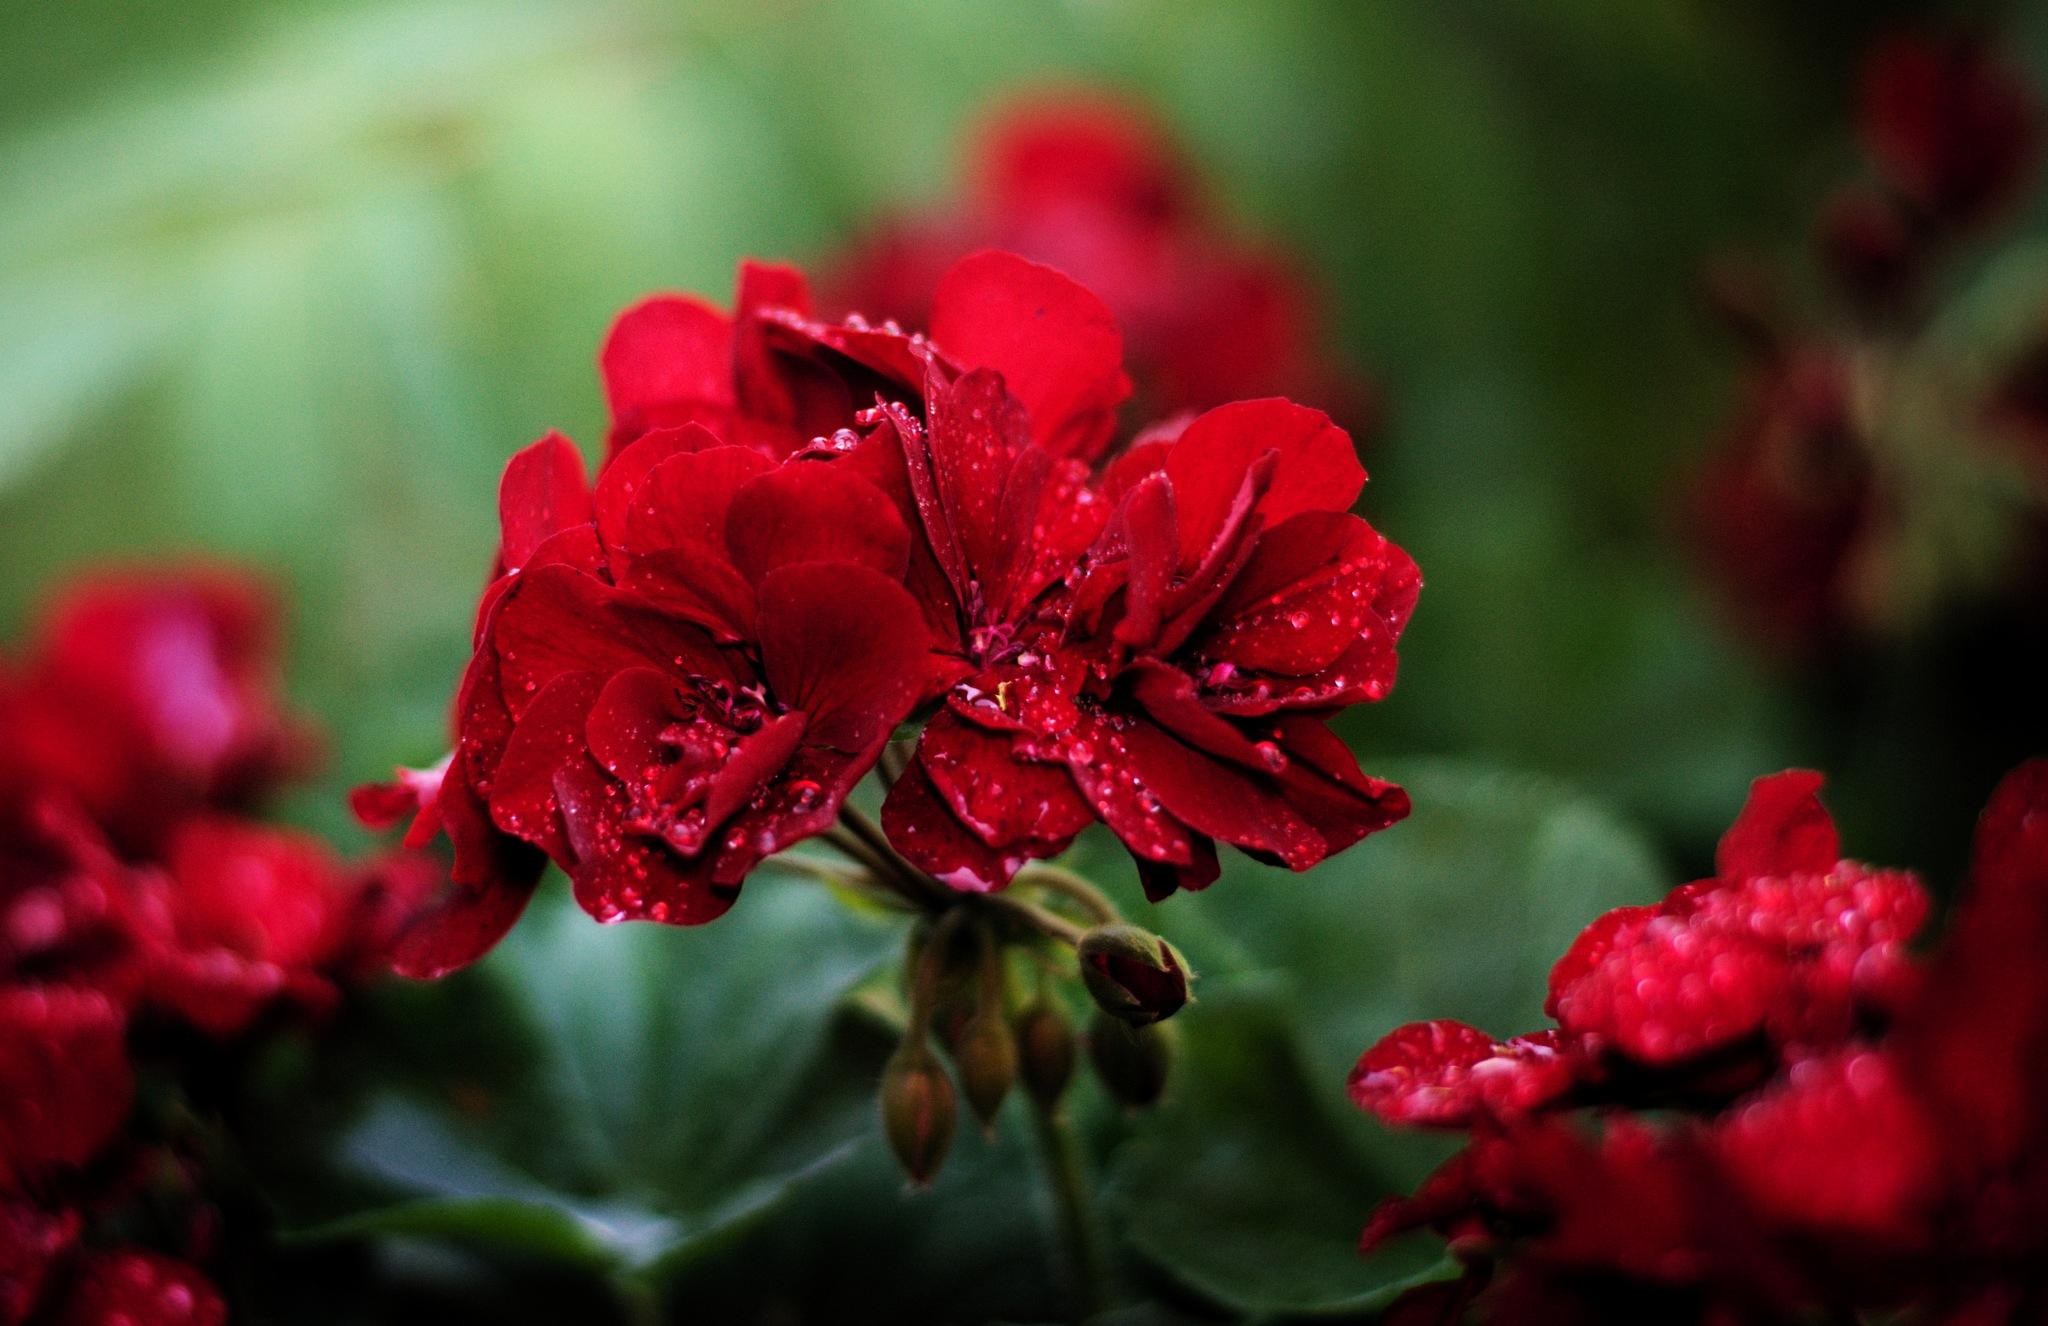 Flower #2 by Rafał Wyzina